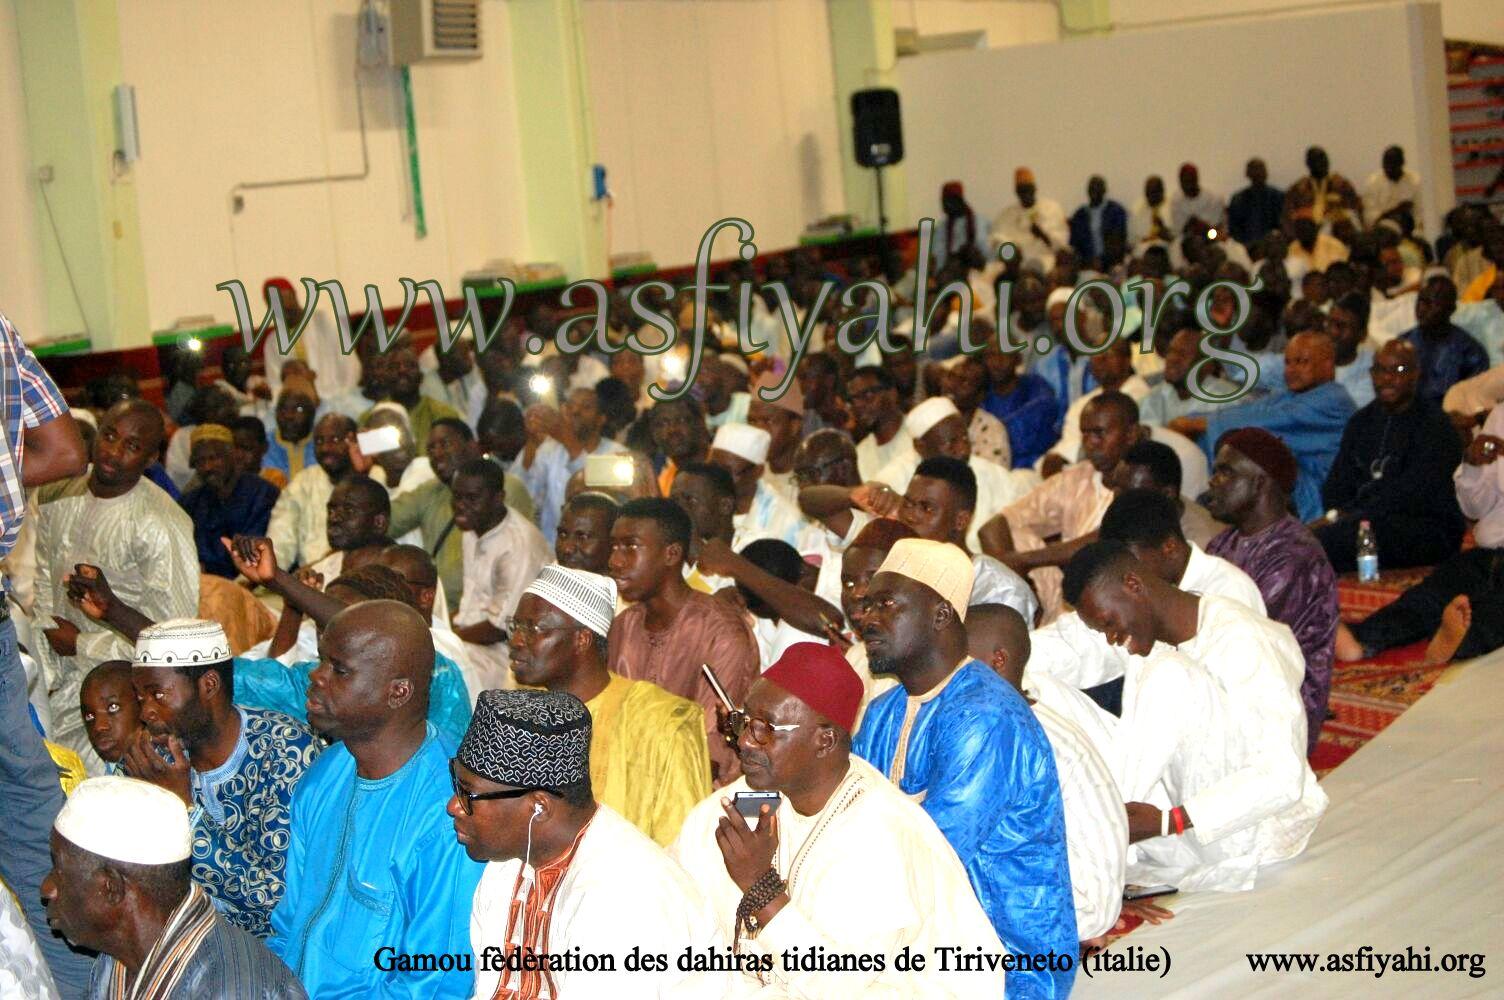 PHOTOS - ITALIE : Serigne Mbaye Sy Mansour a présidé le Gamou de la Fédération des Dahiras Tidianes de Triveneto